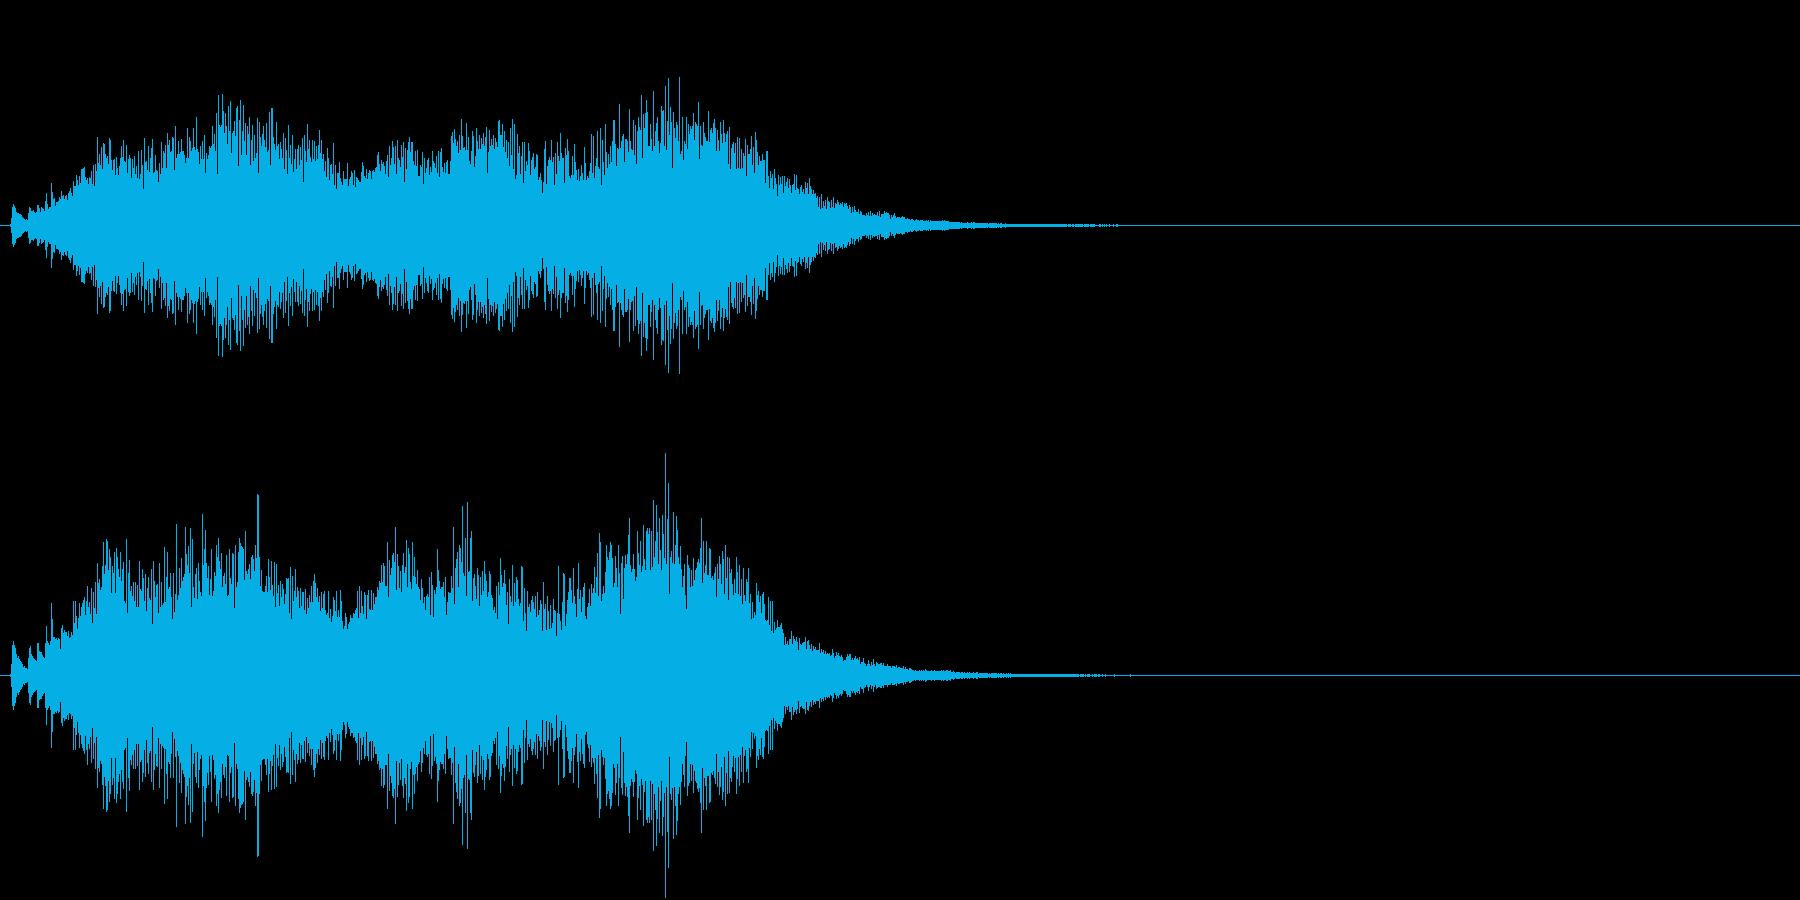 ハープ 魔法 キラキラ 泉 場面転換 2の再生済みの波形